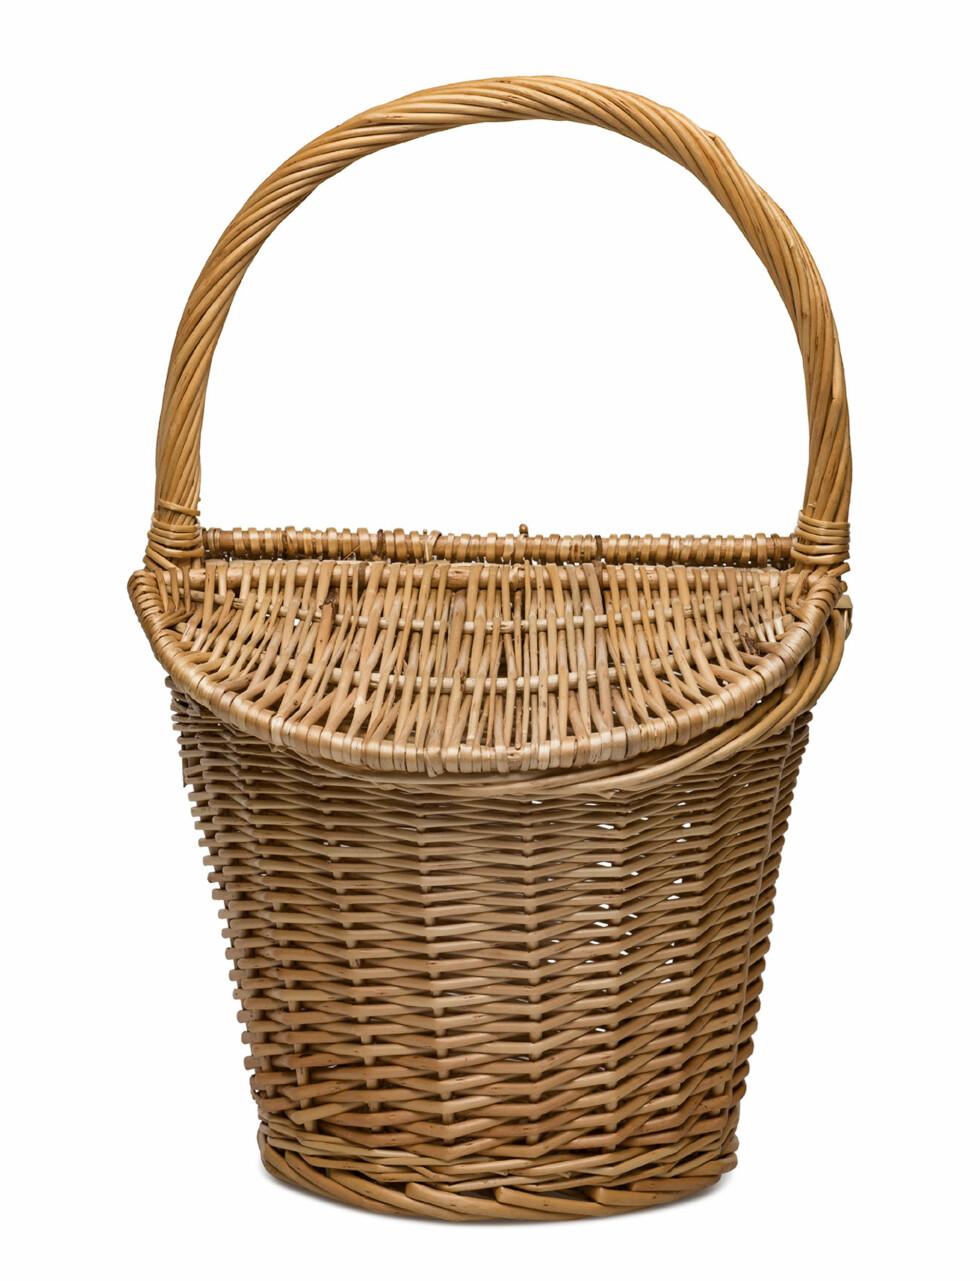 Fra Mango via Boozt.com  399,-  https://www.boozt.com/no/no/mango/bamboo-basket-bag_18006910/18006911?navId=67535&group=listing&position=1000000